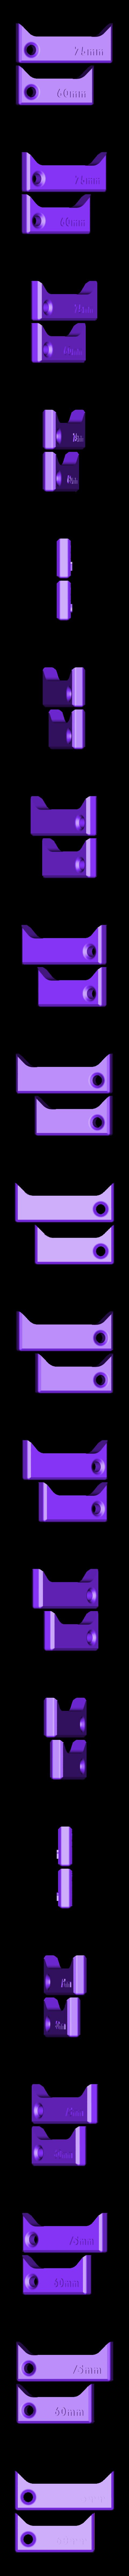 Hat_go-no-go.stl Télécharger fichier STL gratuit Bord de chapeau d'école - Go / No Go • Design imprimable en 3D, Gaenarra